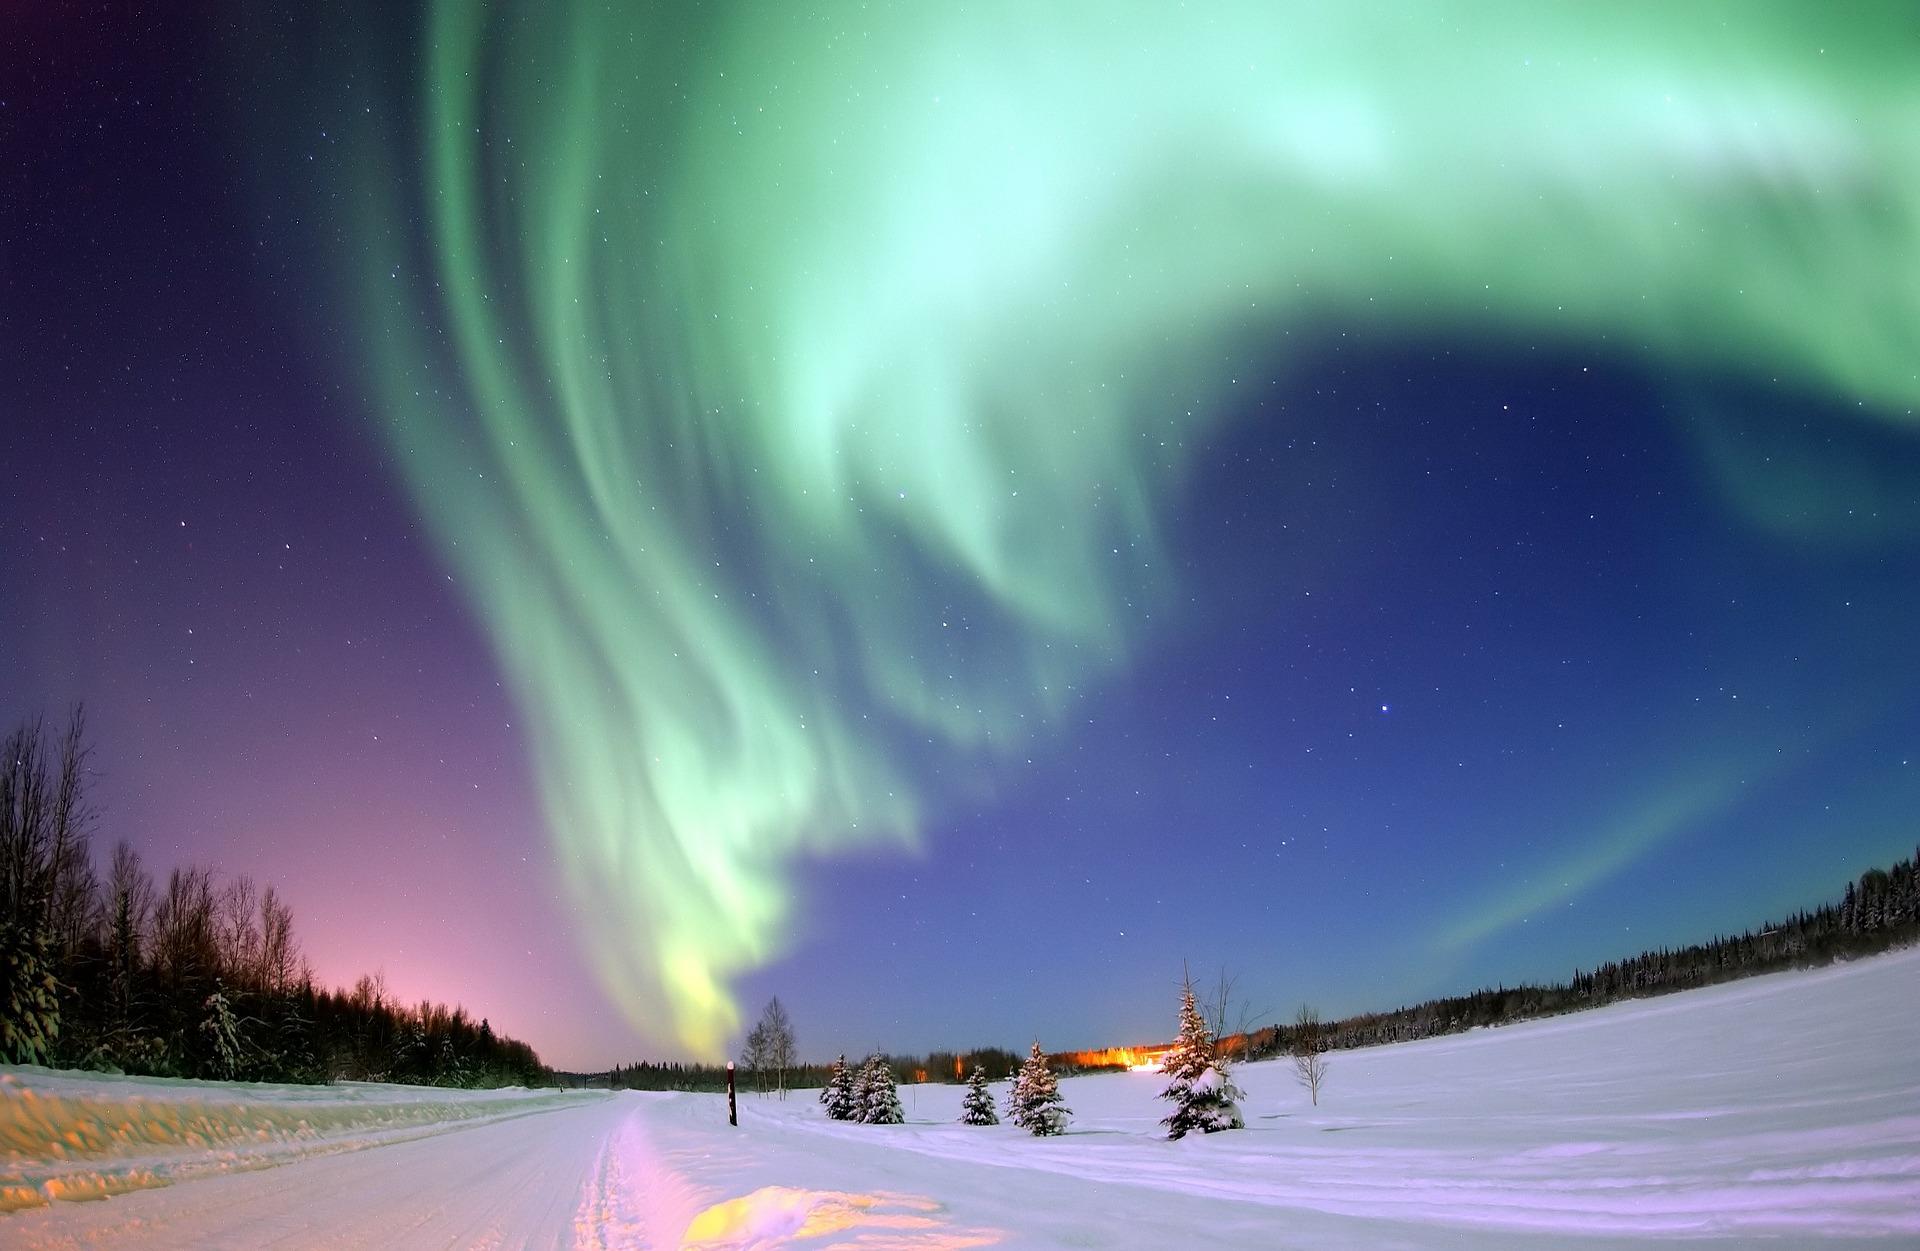 Het noorderlicht zien in Canada in de winter in de sneeuw.